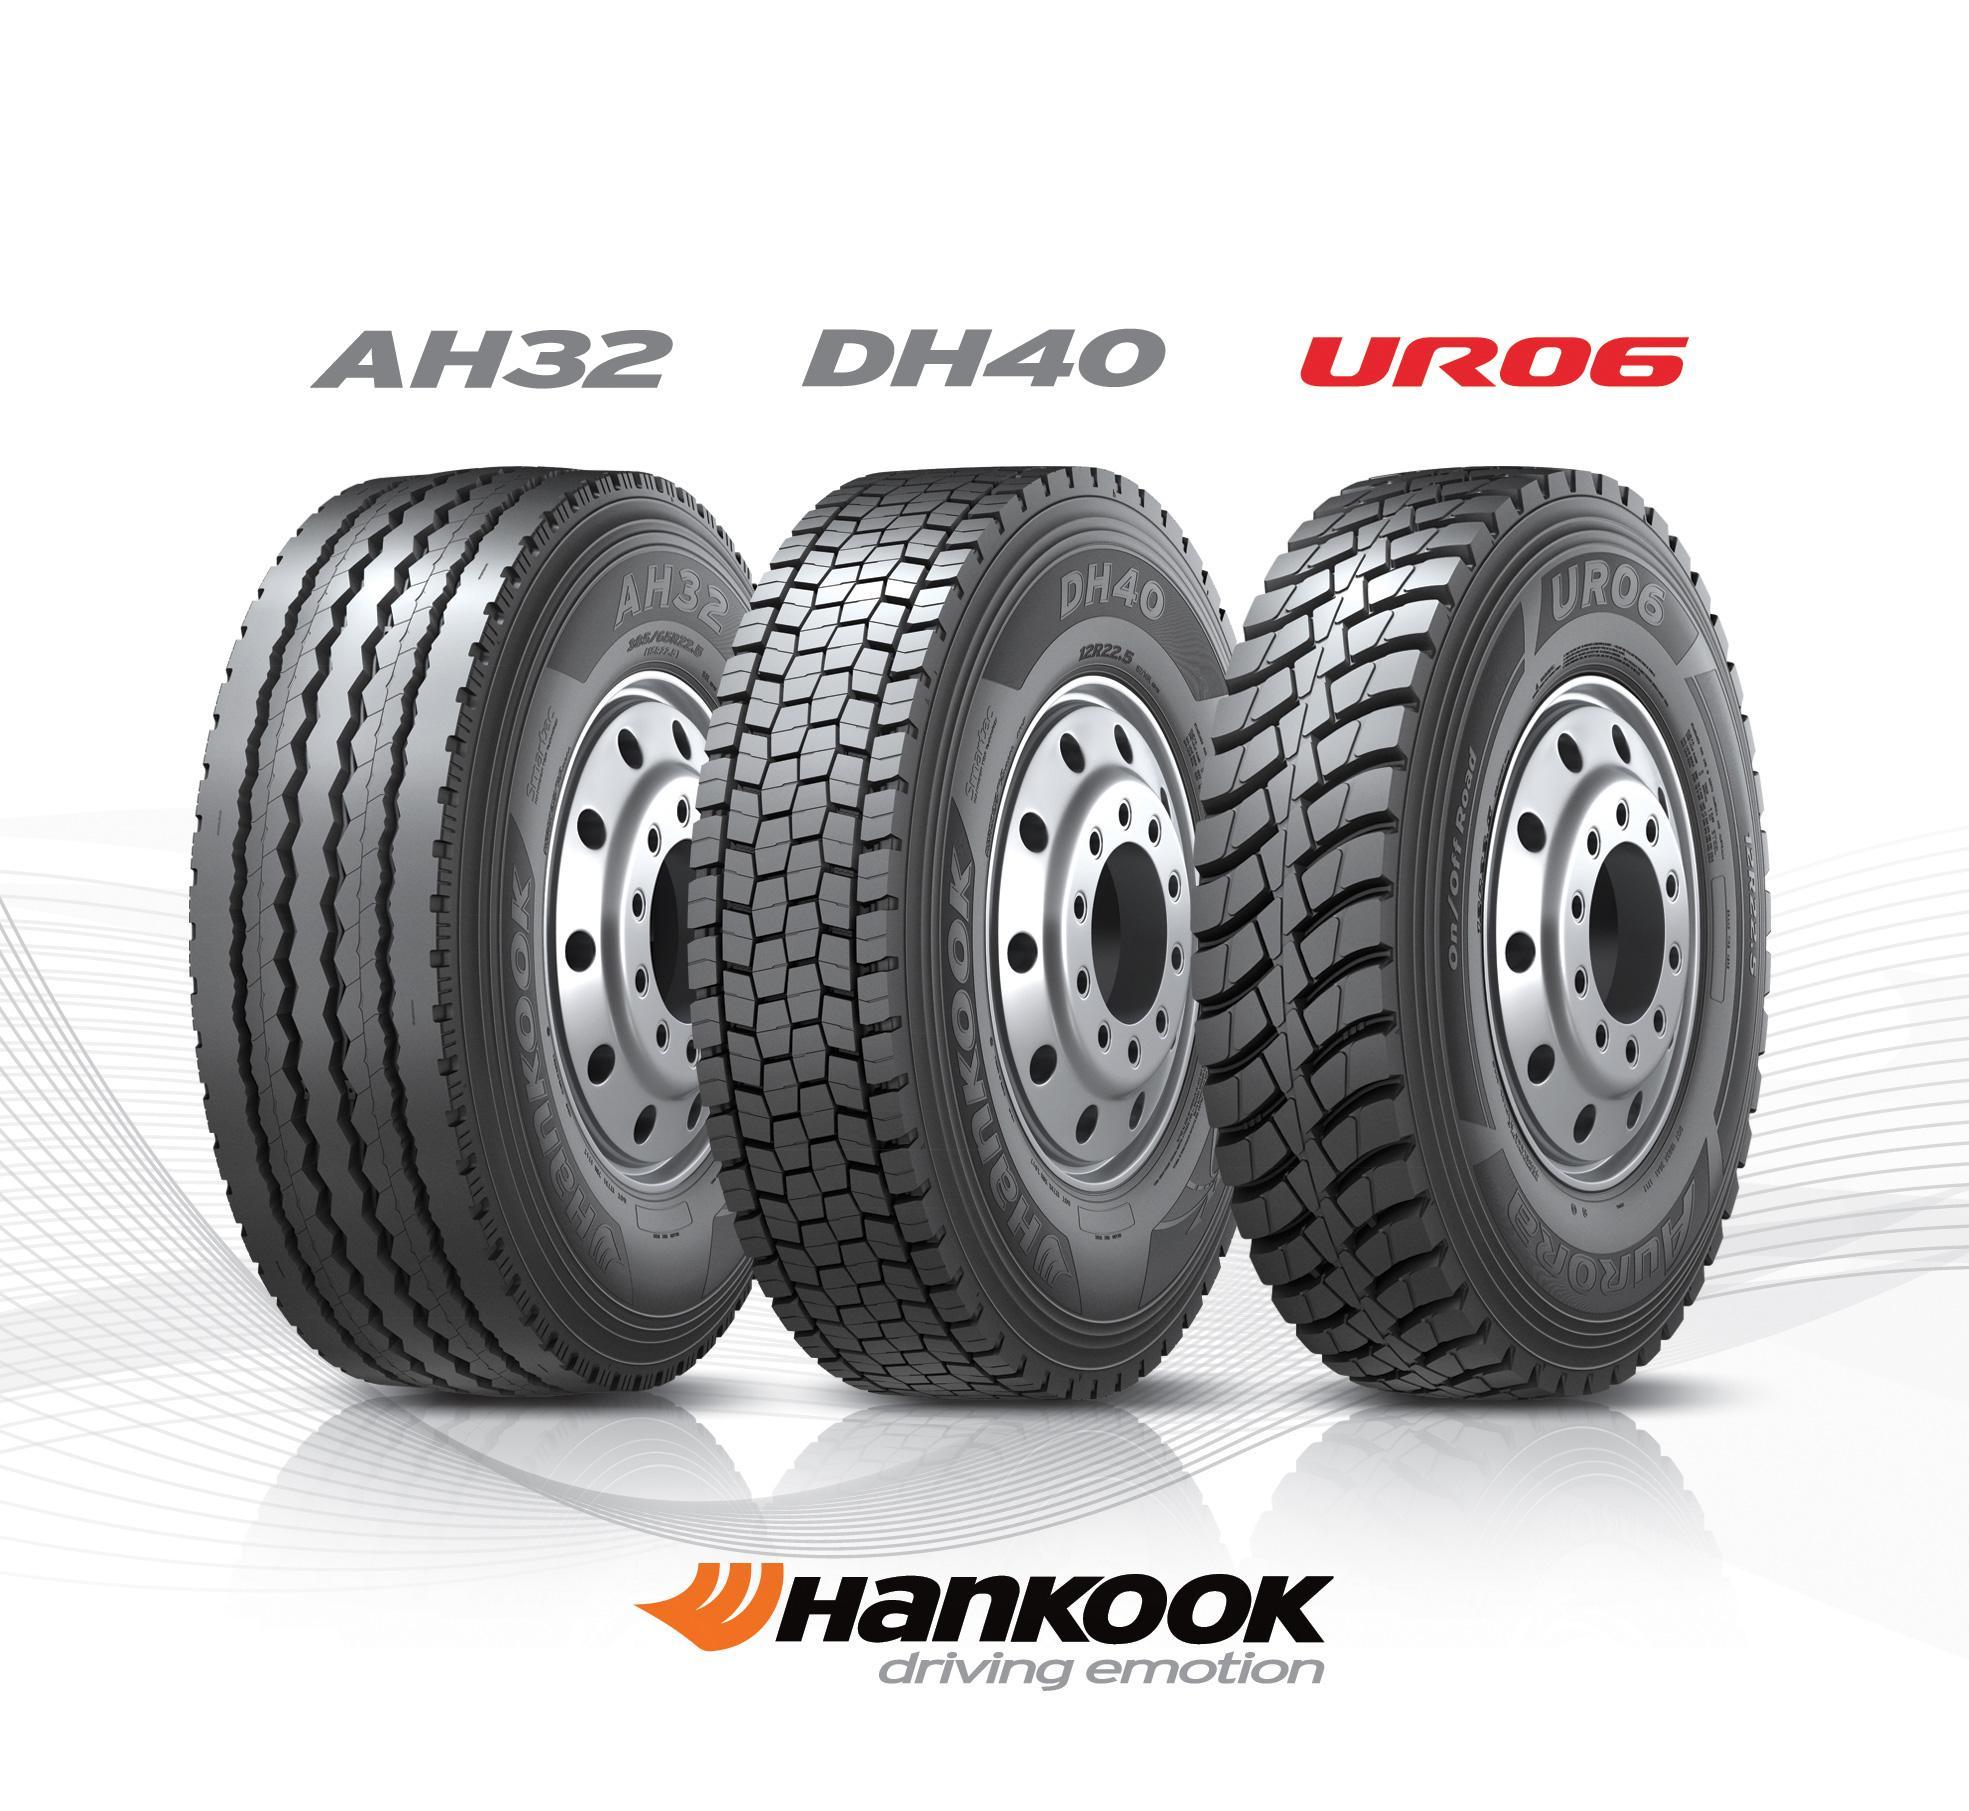 Hankook Tire объявила о запуске трех новых моделей шин для самосвалов